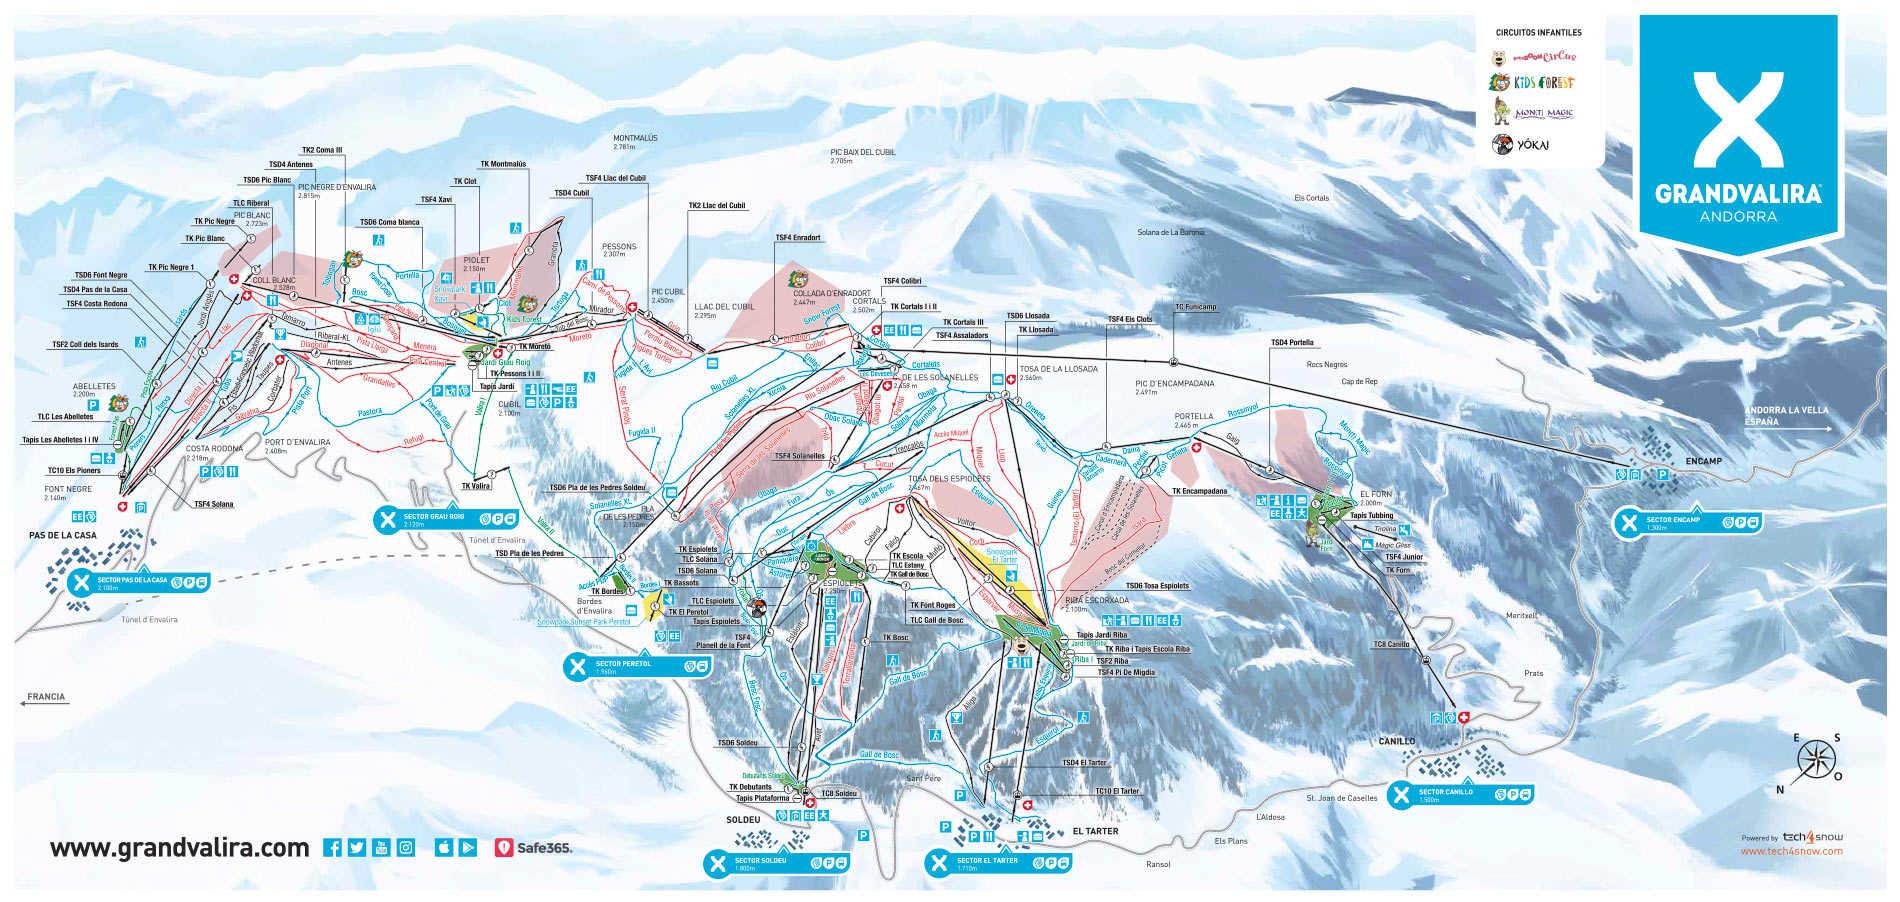 Carte de station de ski de Grandvalira